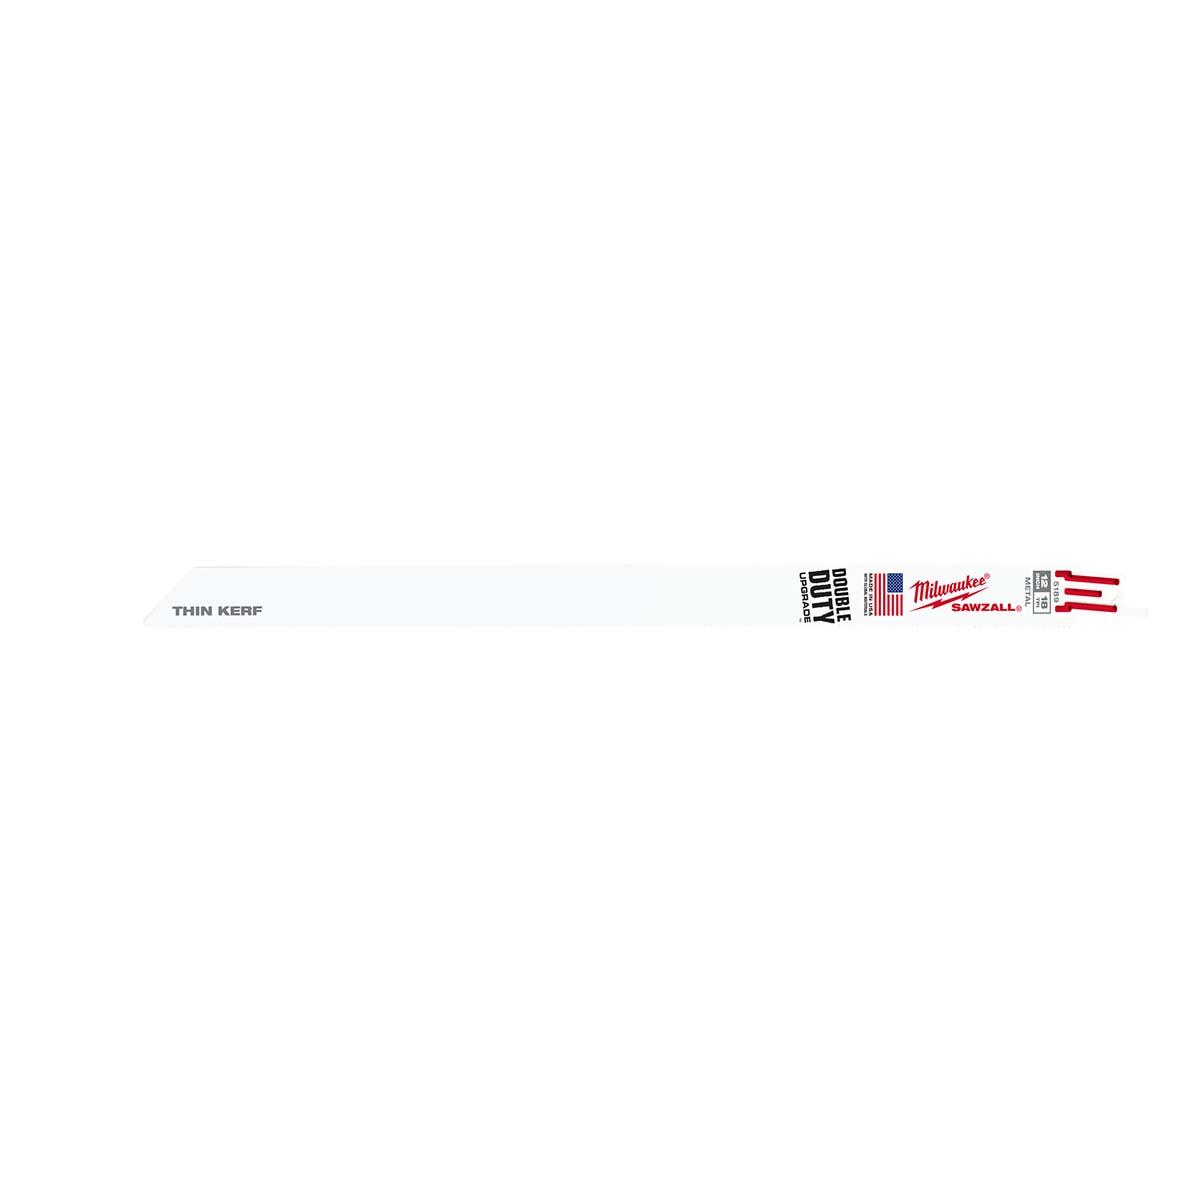 """12"""" 18 TPI Thin Kerf SAWZALL Blades (5 Pk)"""